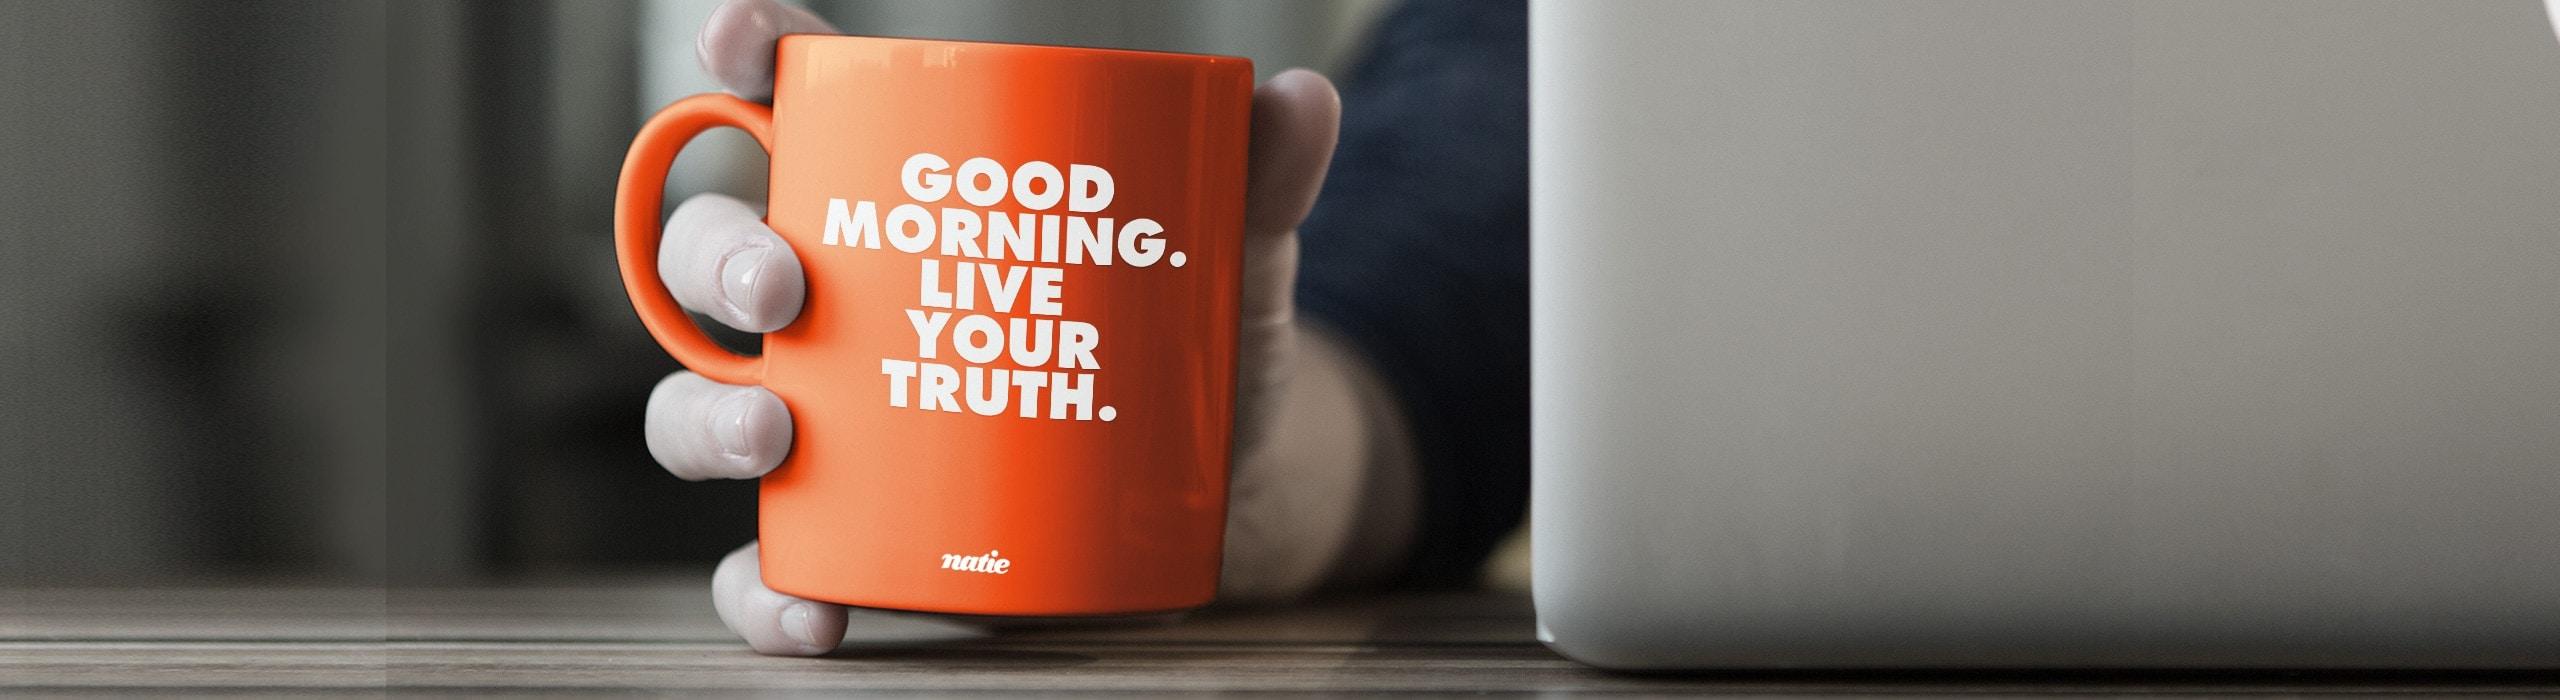 Natie - natie-rebrand-mug - Natie Branding Agency